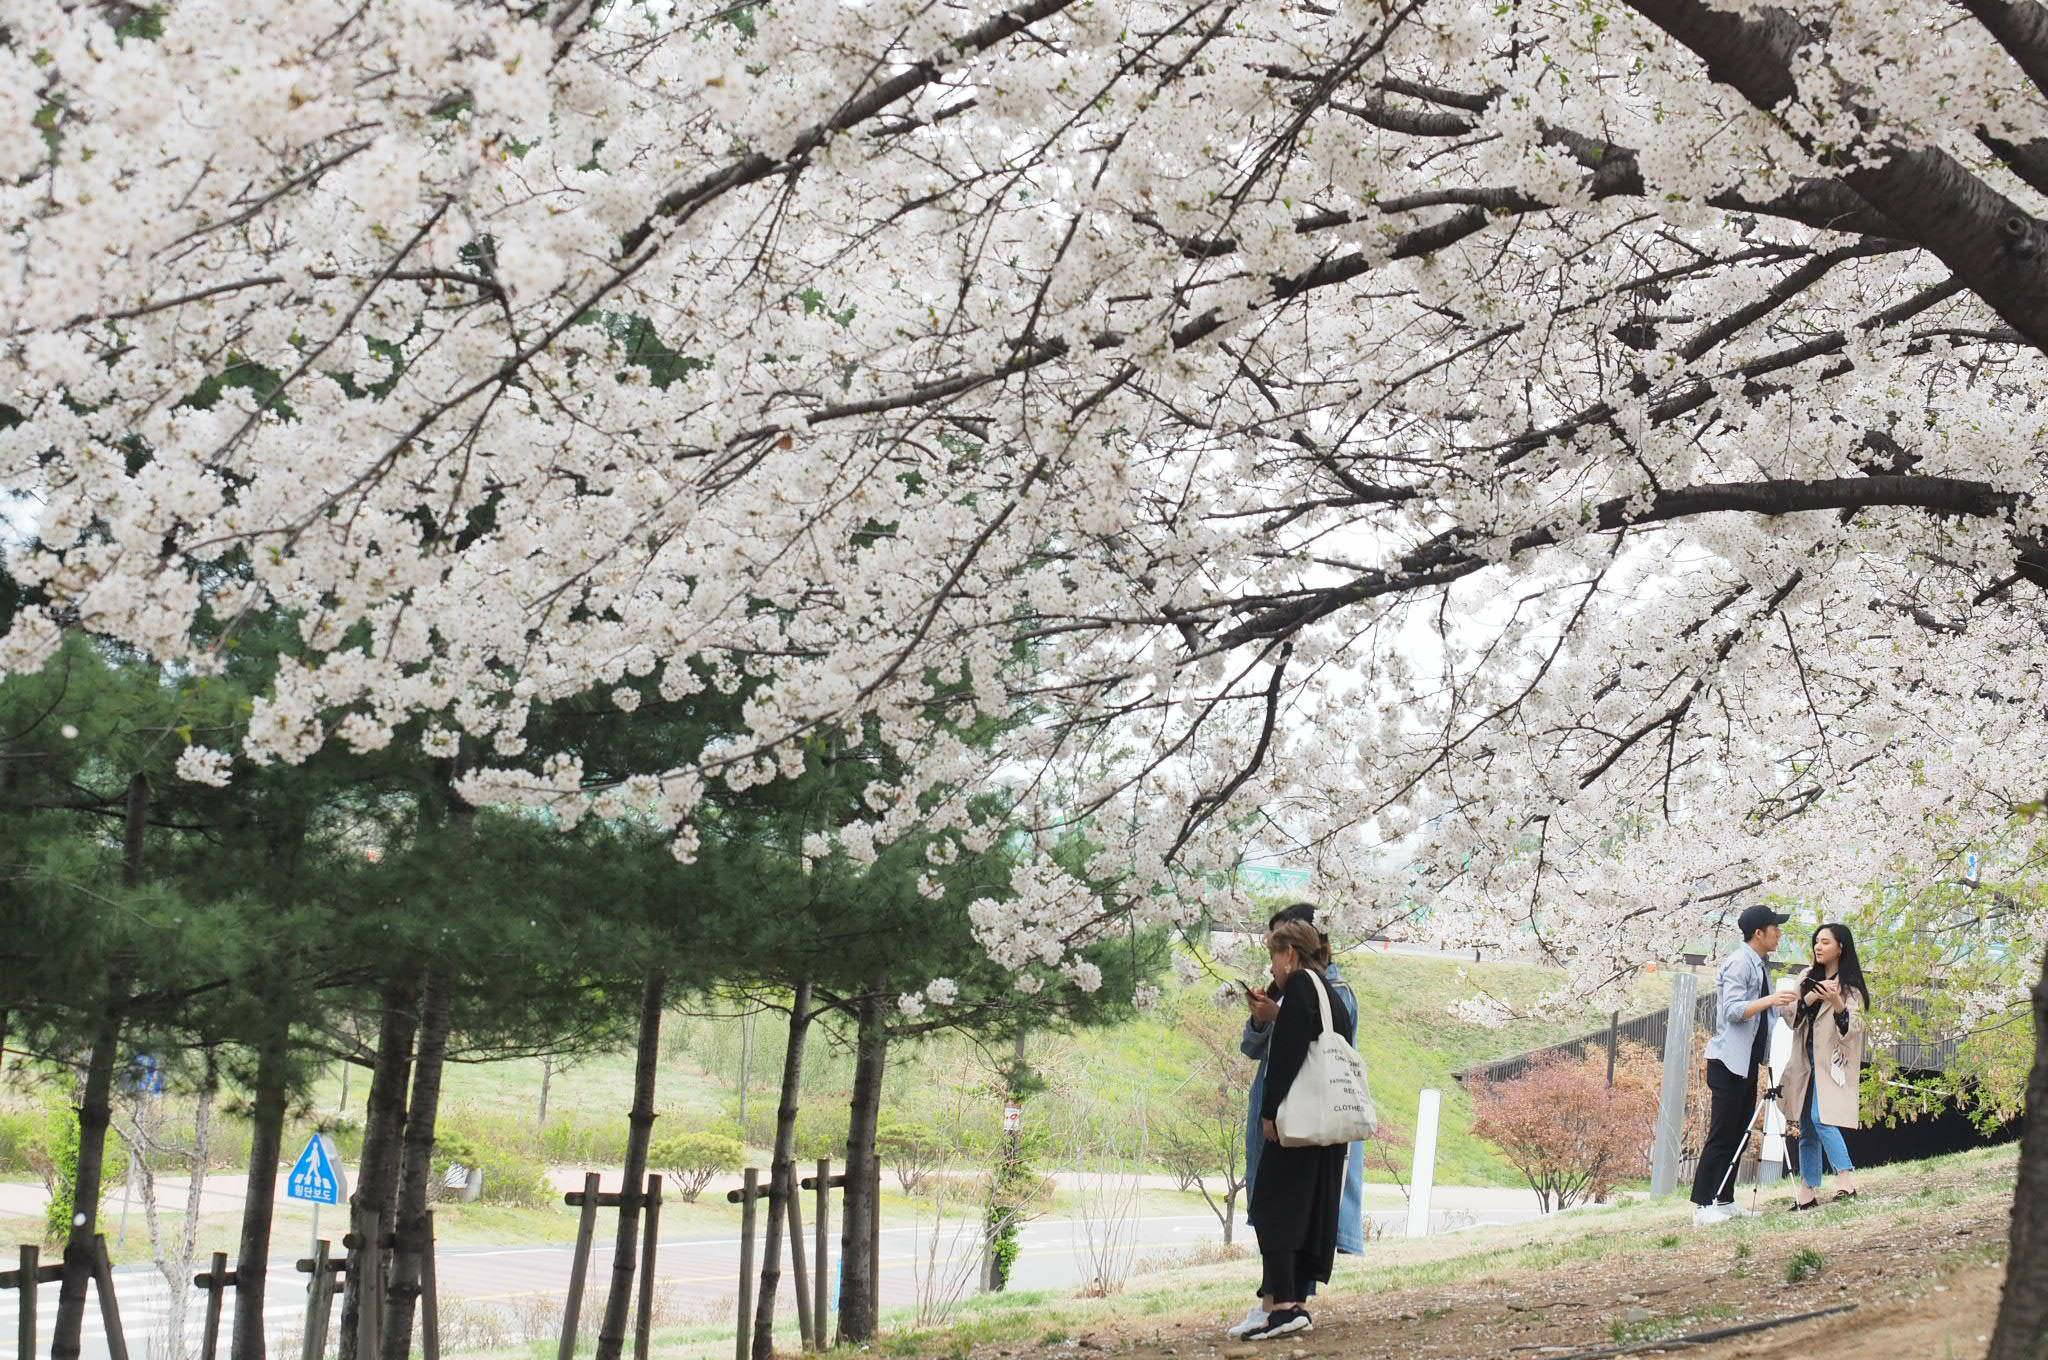 首爾櫻花景點 | 石村湖、汝矣島、首爾森林 @愛吃鬼芸芸